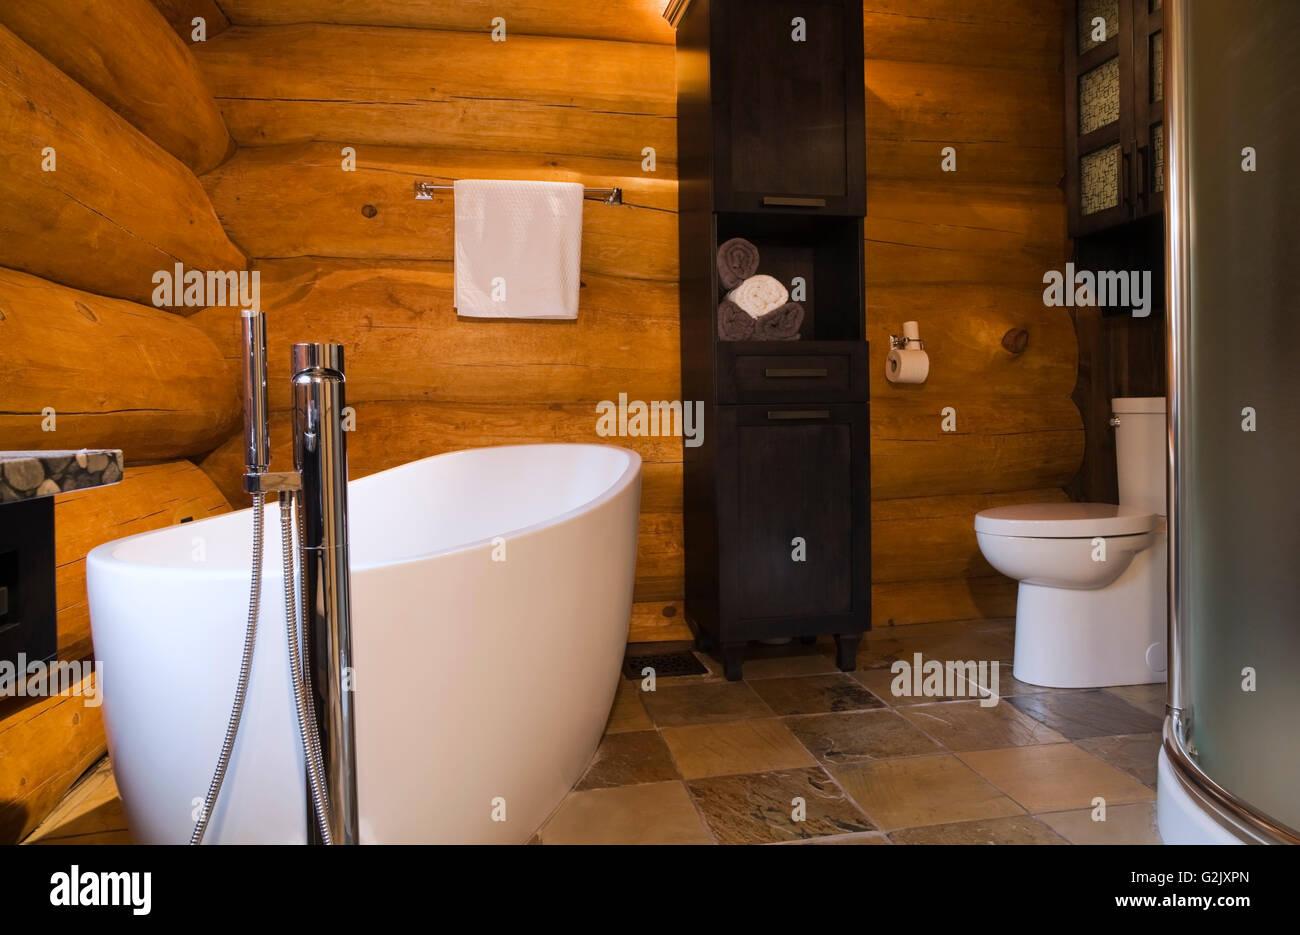 Wc Net Vasca Da Bagno : Bianco ovale autoportante vasca da bagno wc doccia di vetro